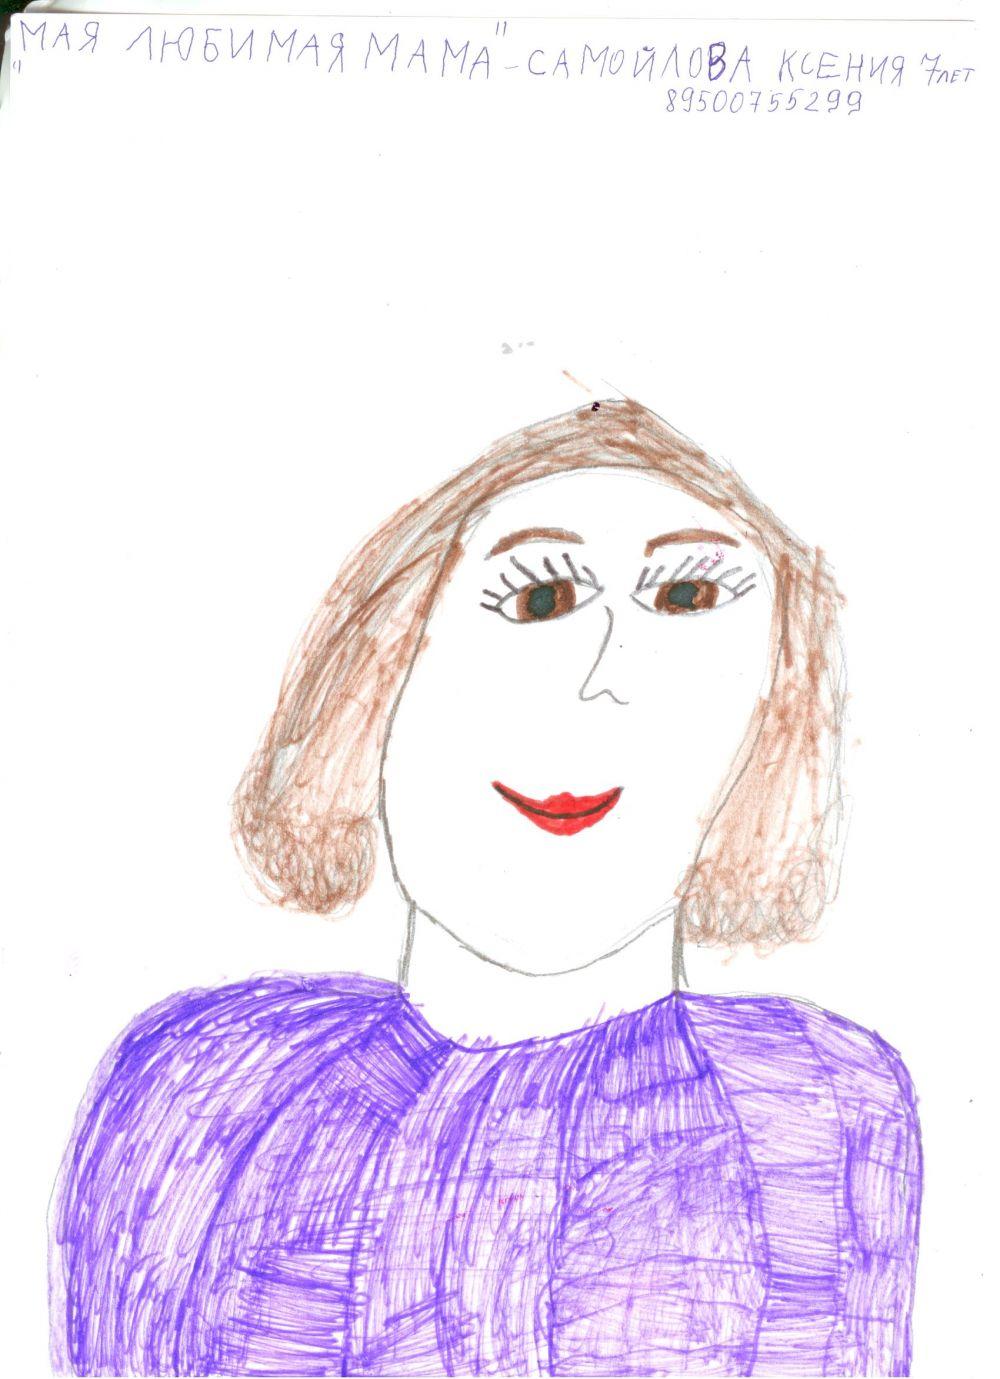 Участник №11. Самойлова Ксения